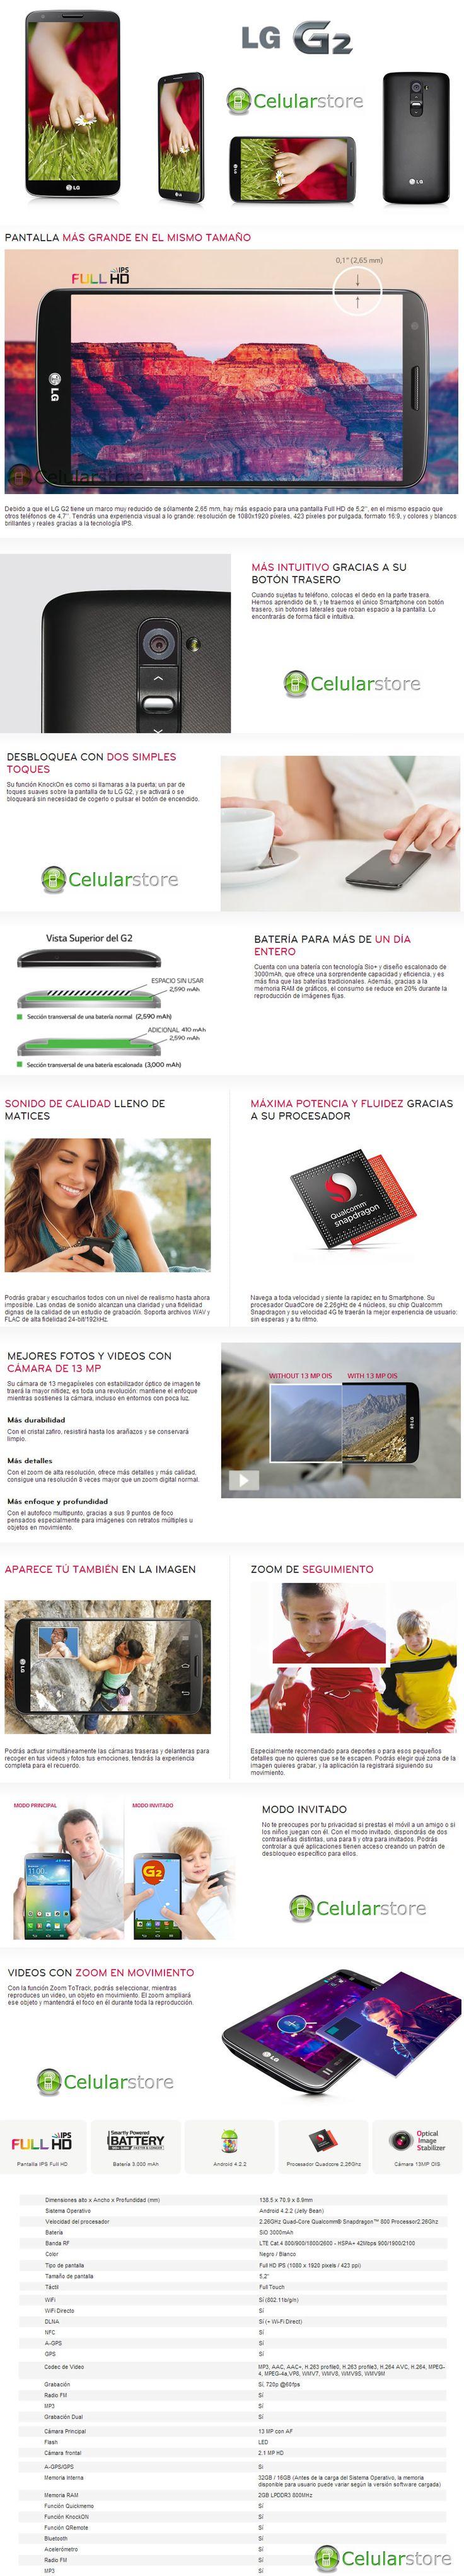 comprar lg g2 / venta de lg g2 en argentina